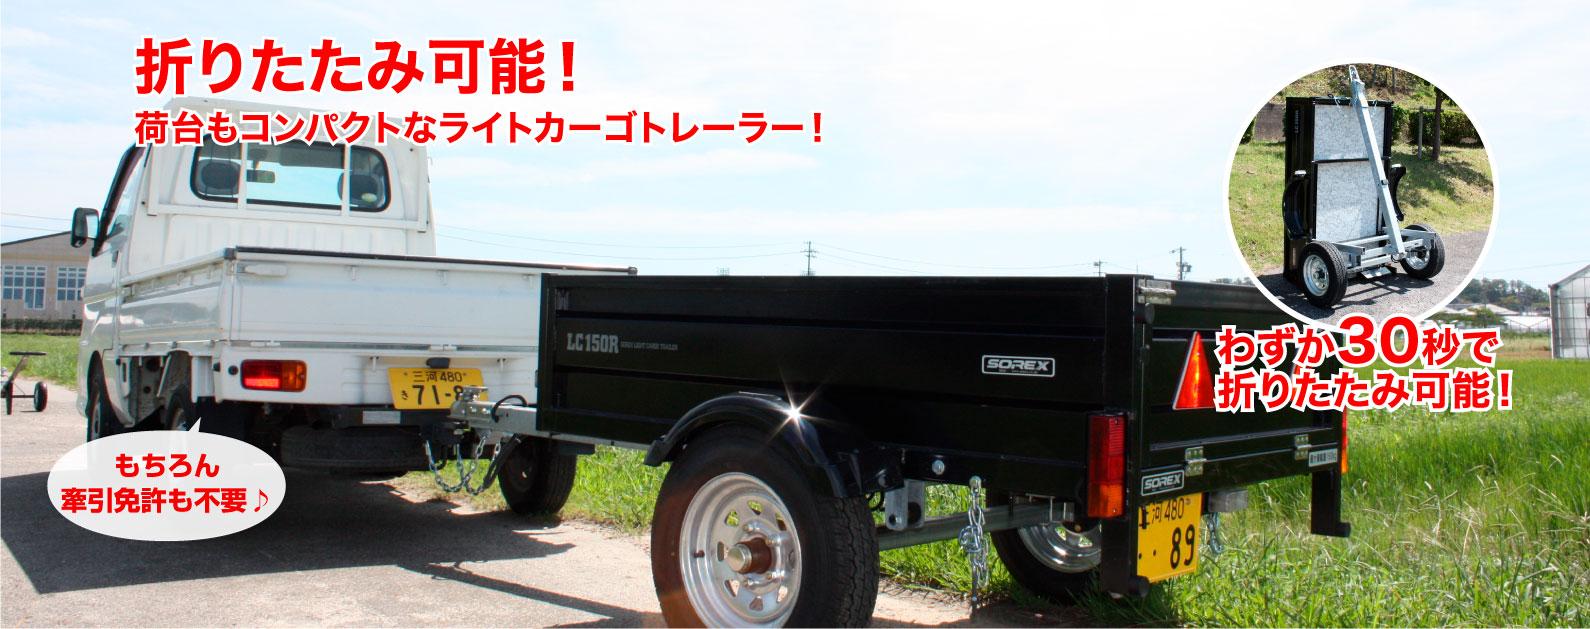 軽カーゴトレーラーの活用で業務が変わる! あなたの運搬業務の改善に軽カーゴトレーラーを活用してみませんか?